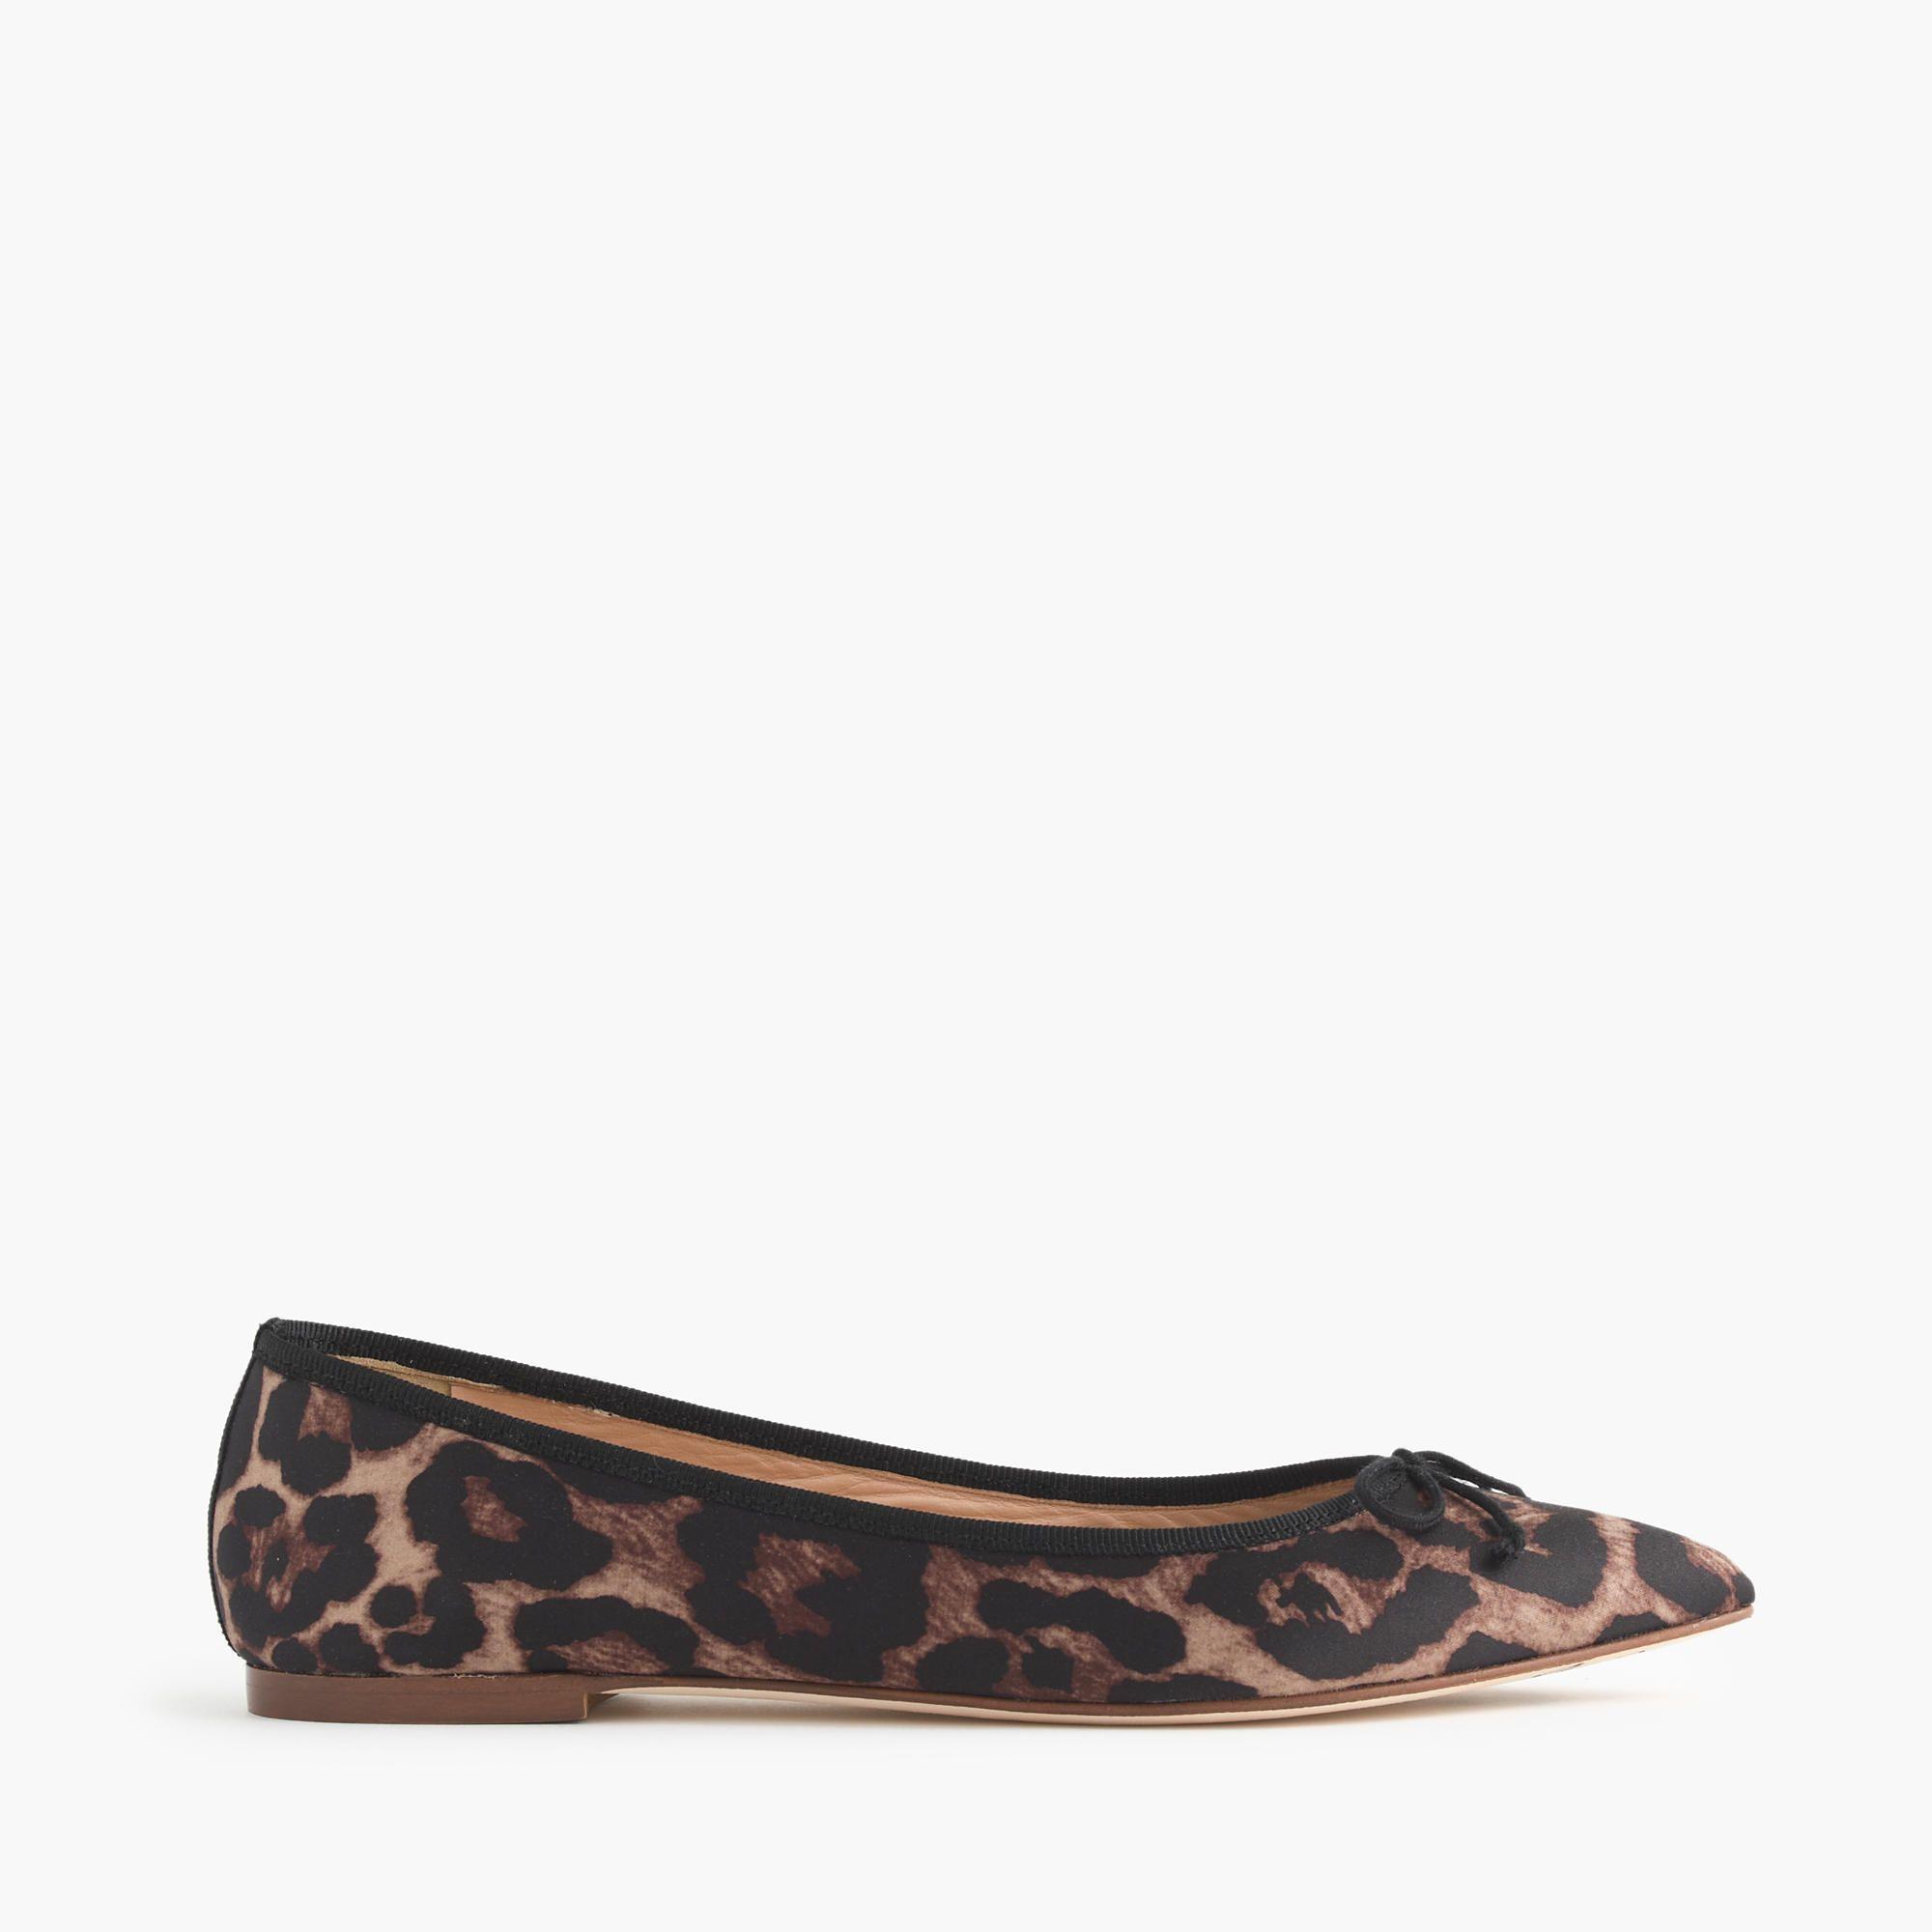 J.Crew Womens Gemma Leopard Flats (Size 6 M)